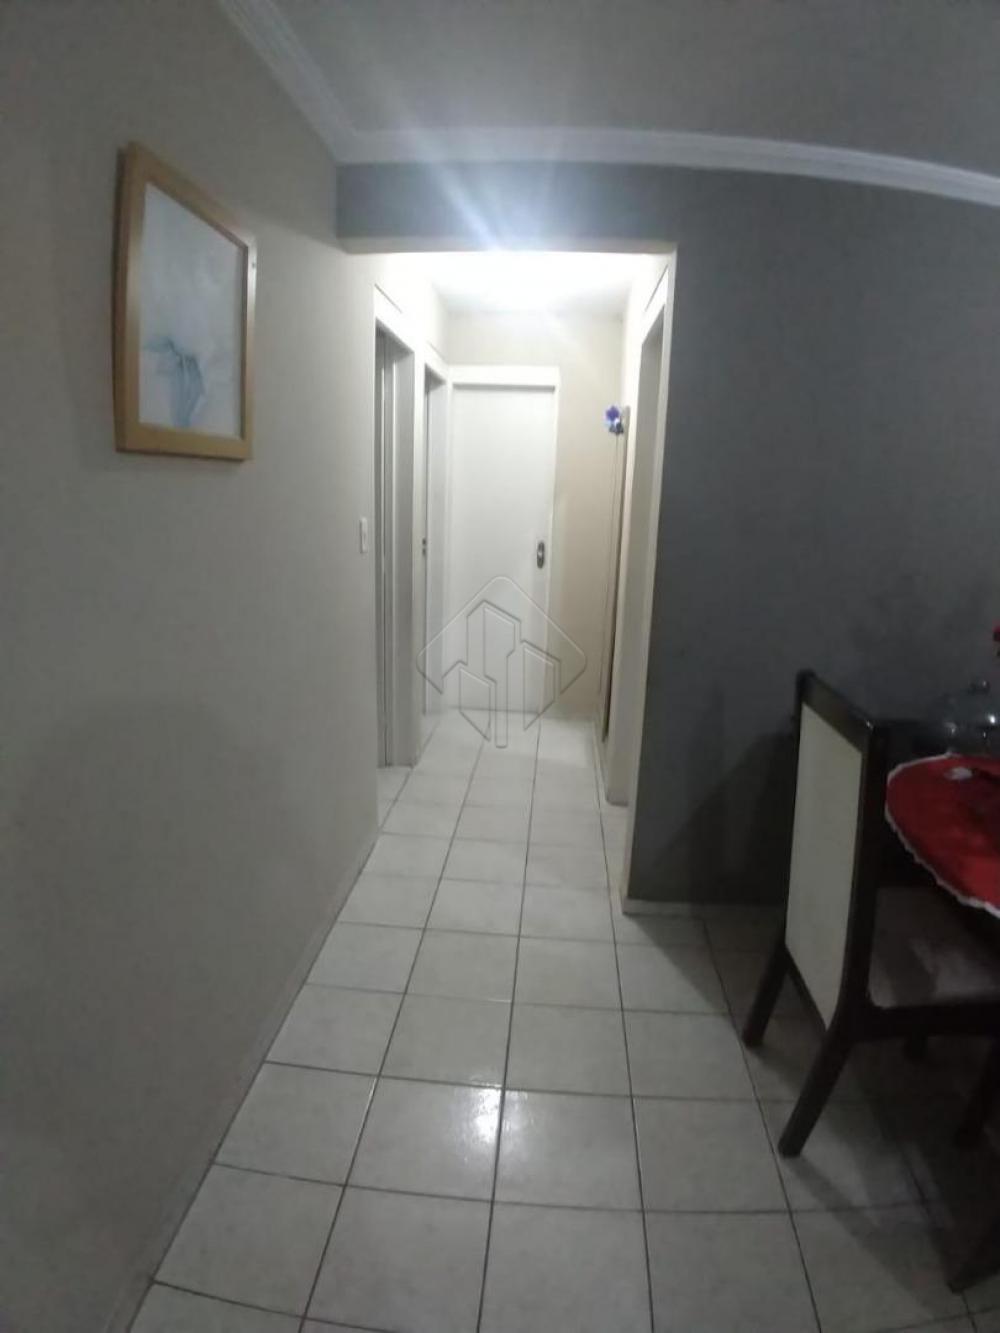 Comprar Apartamento / Padrão em João Pessoa apenas R$ 225.000,00 - Foto 3